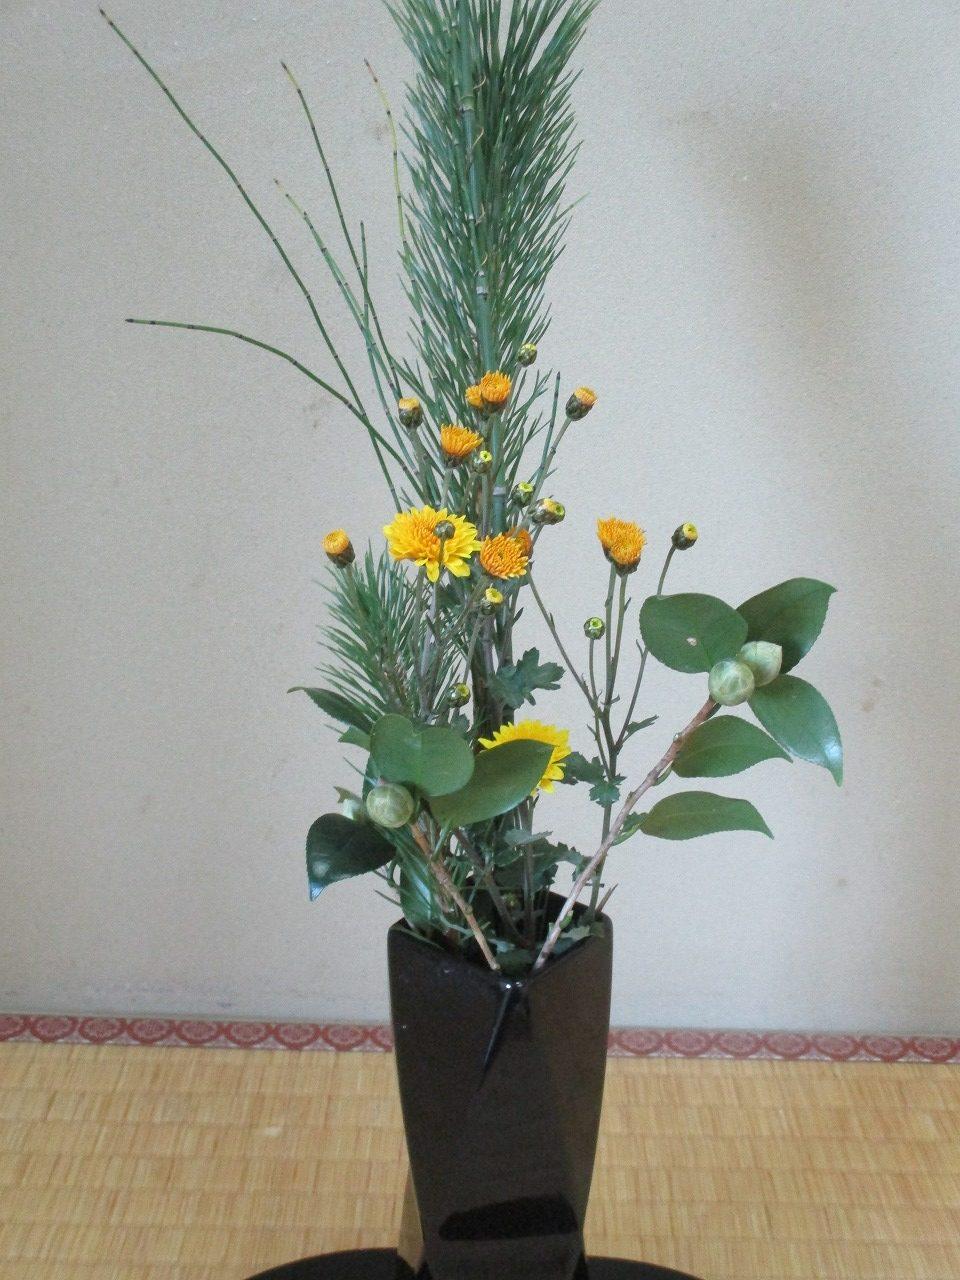 1月8日にいけた生け花です。706にていけてあります。